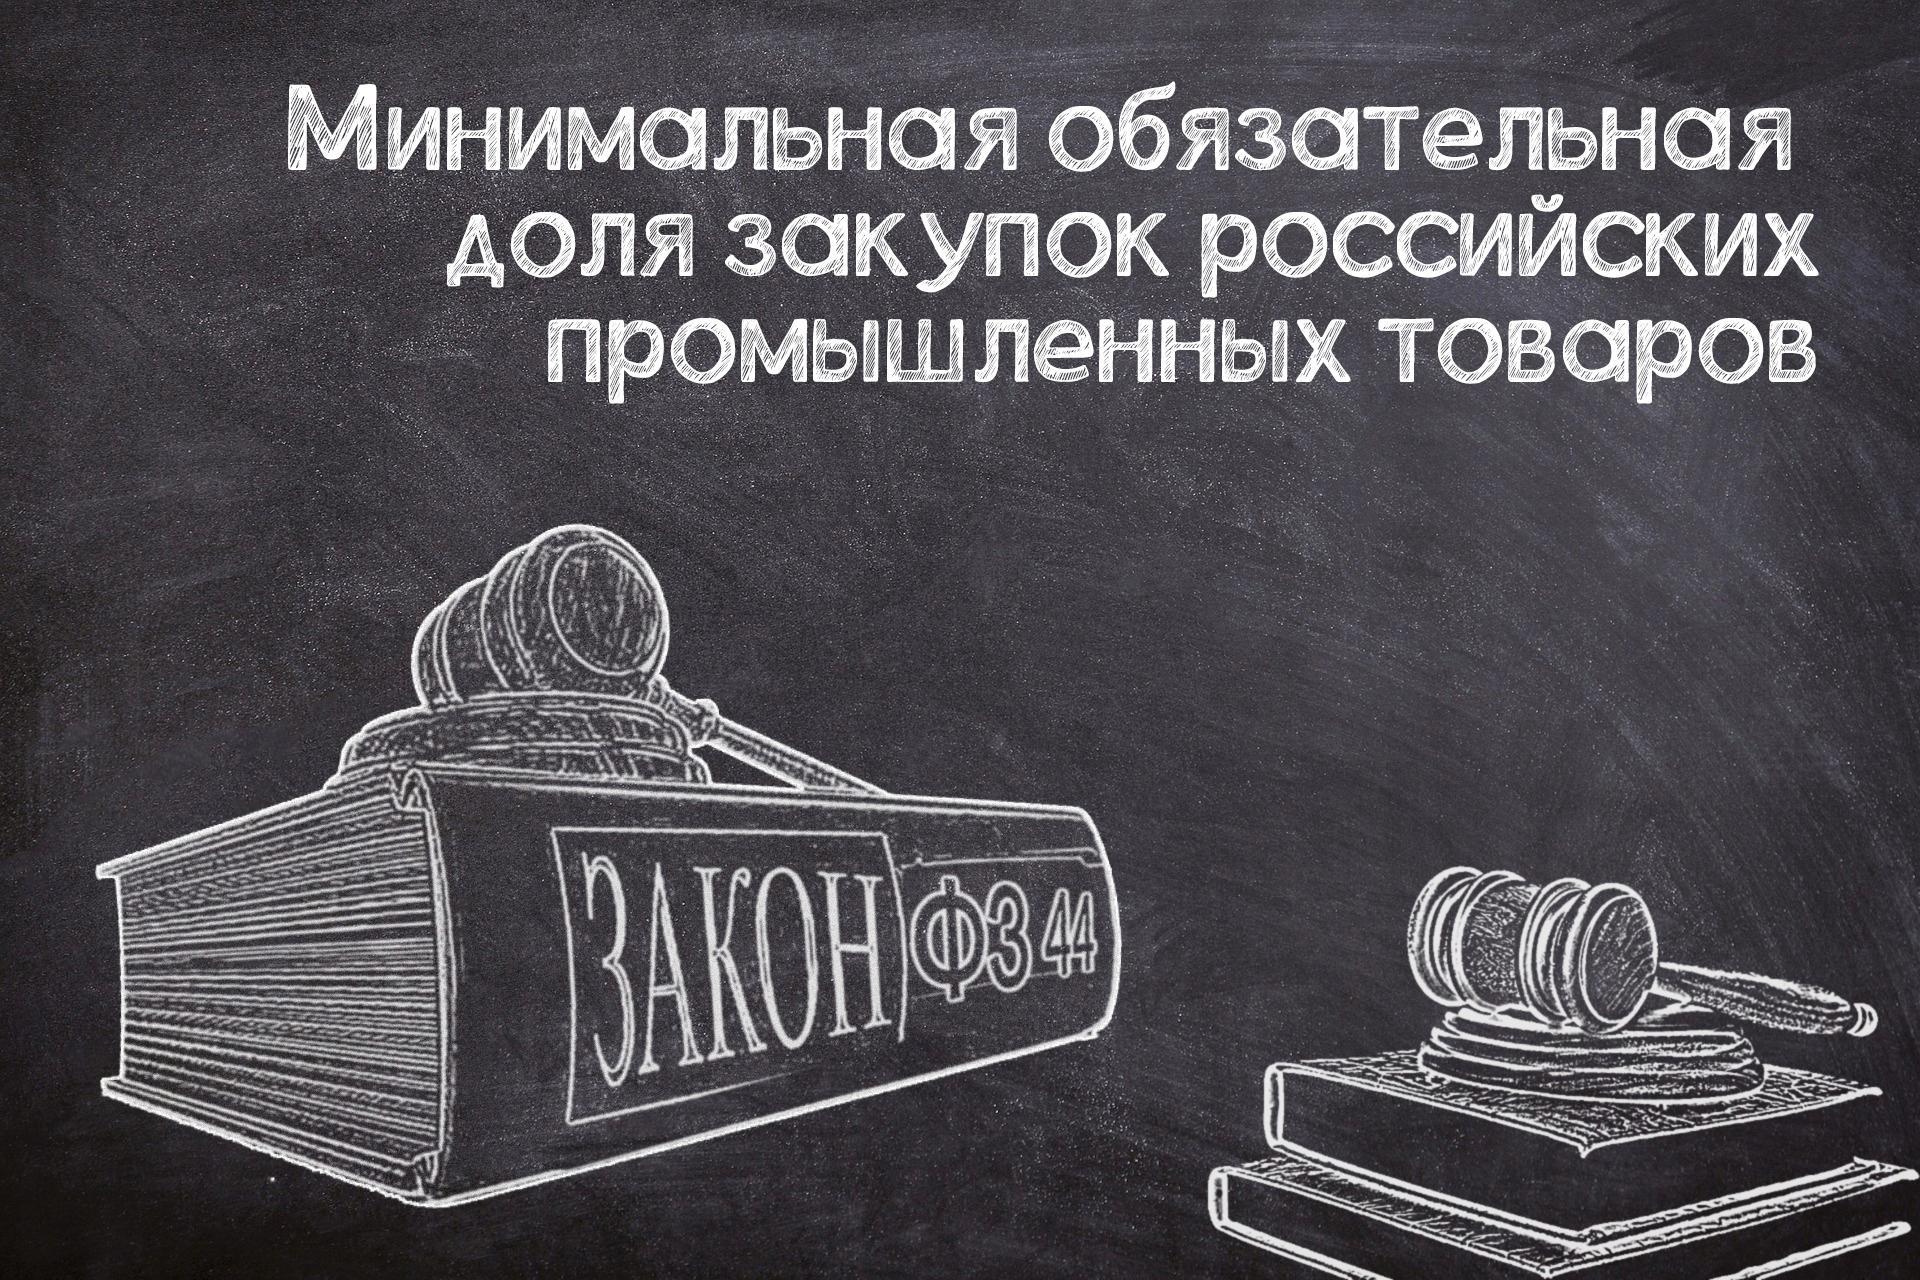 minimalnaya-obyazatelnaya-dolya-zakupok-rossijskih-promyshlennyh-tovarov